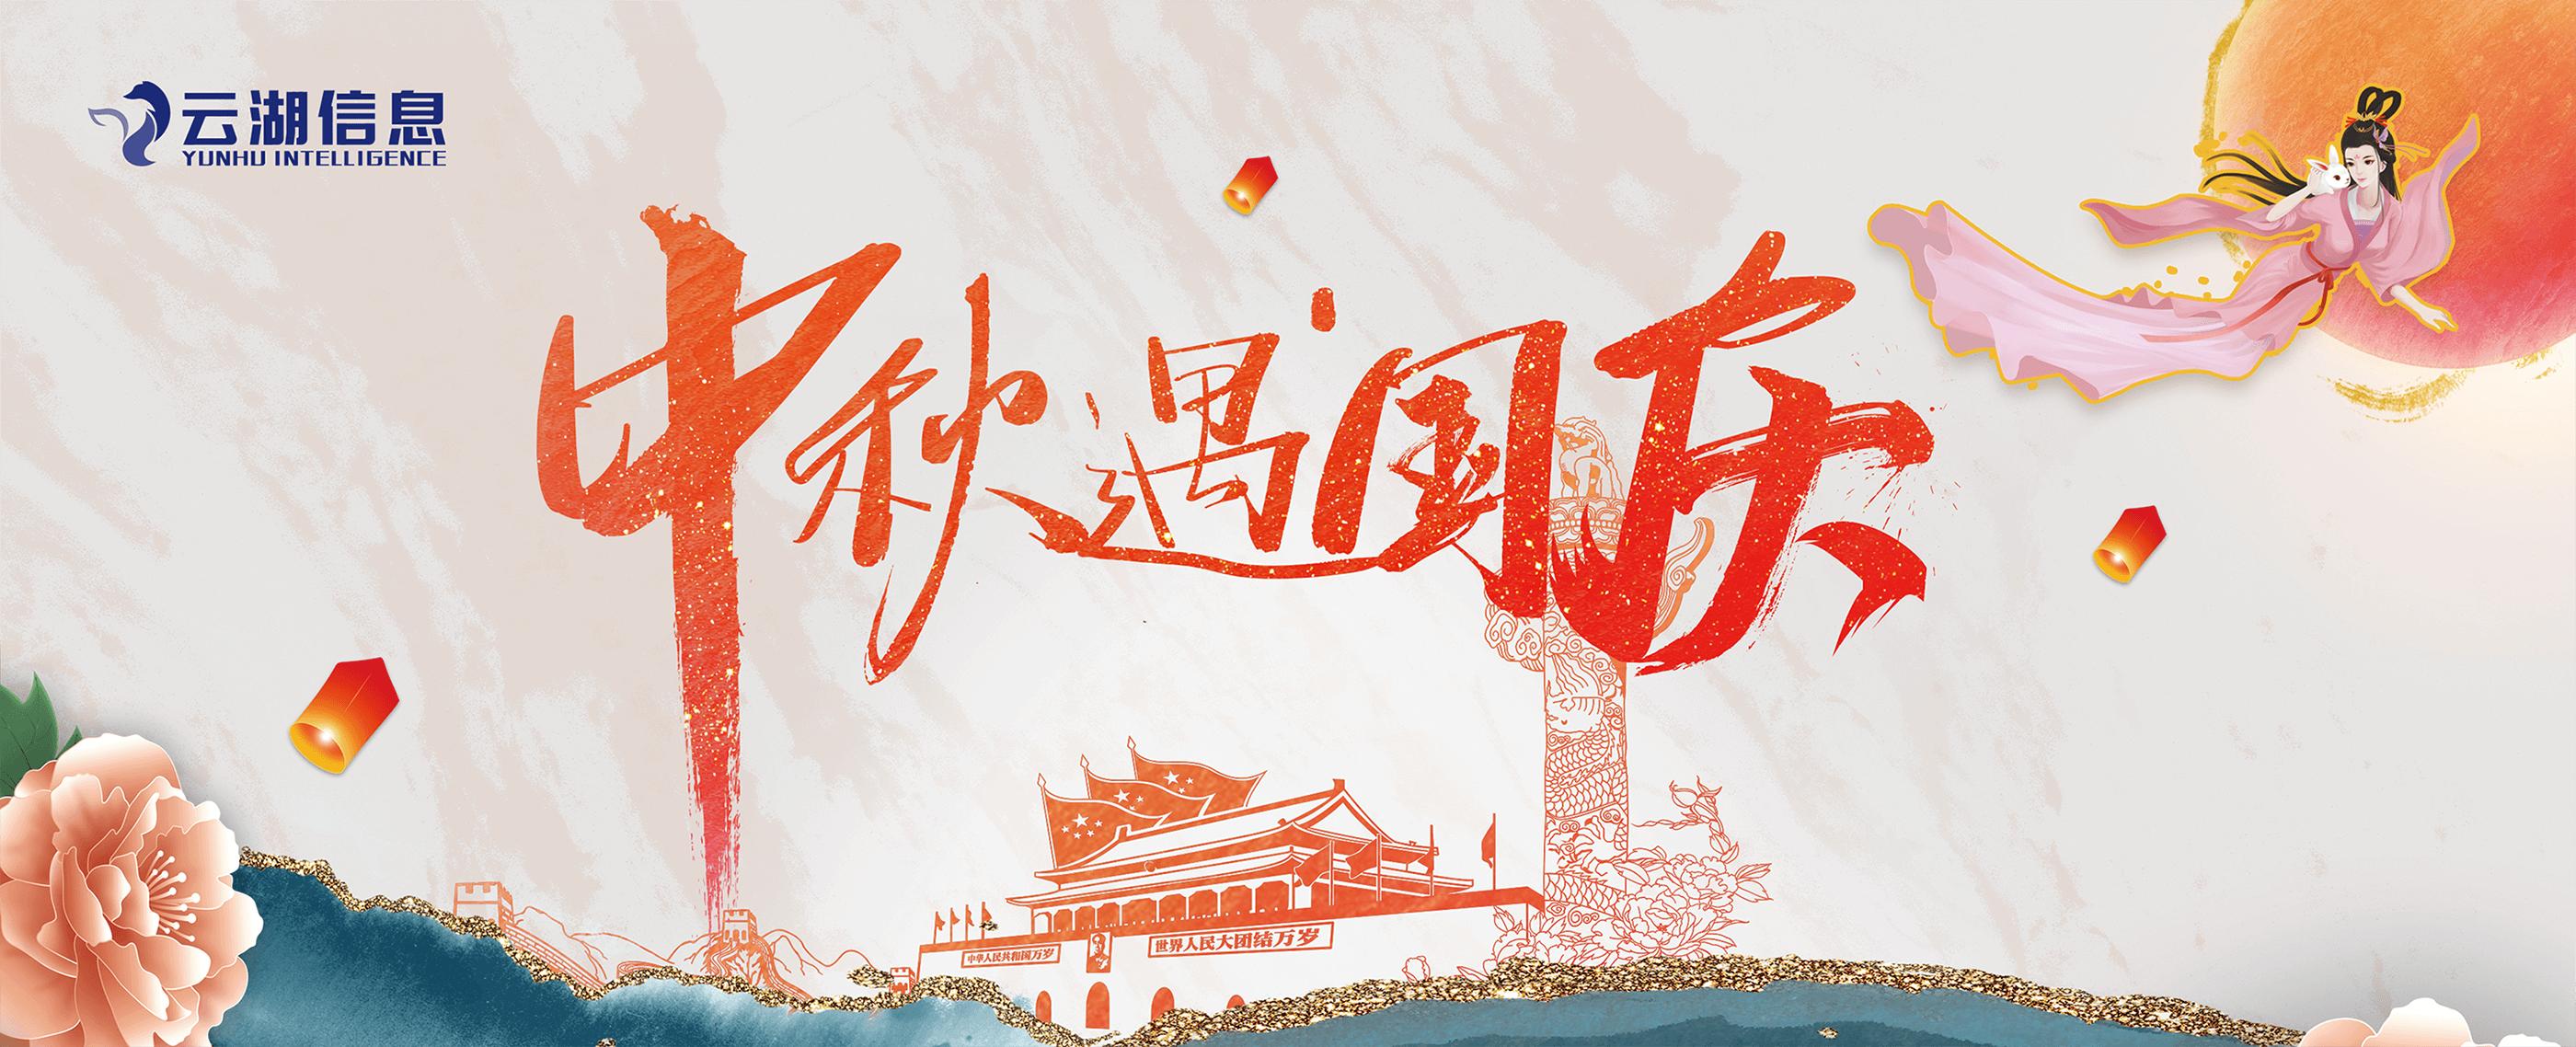 安徽云湖信息技术有限公司2020年国庆节、中秋节放假通知